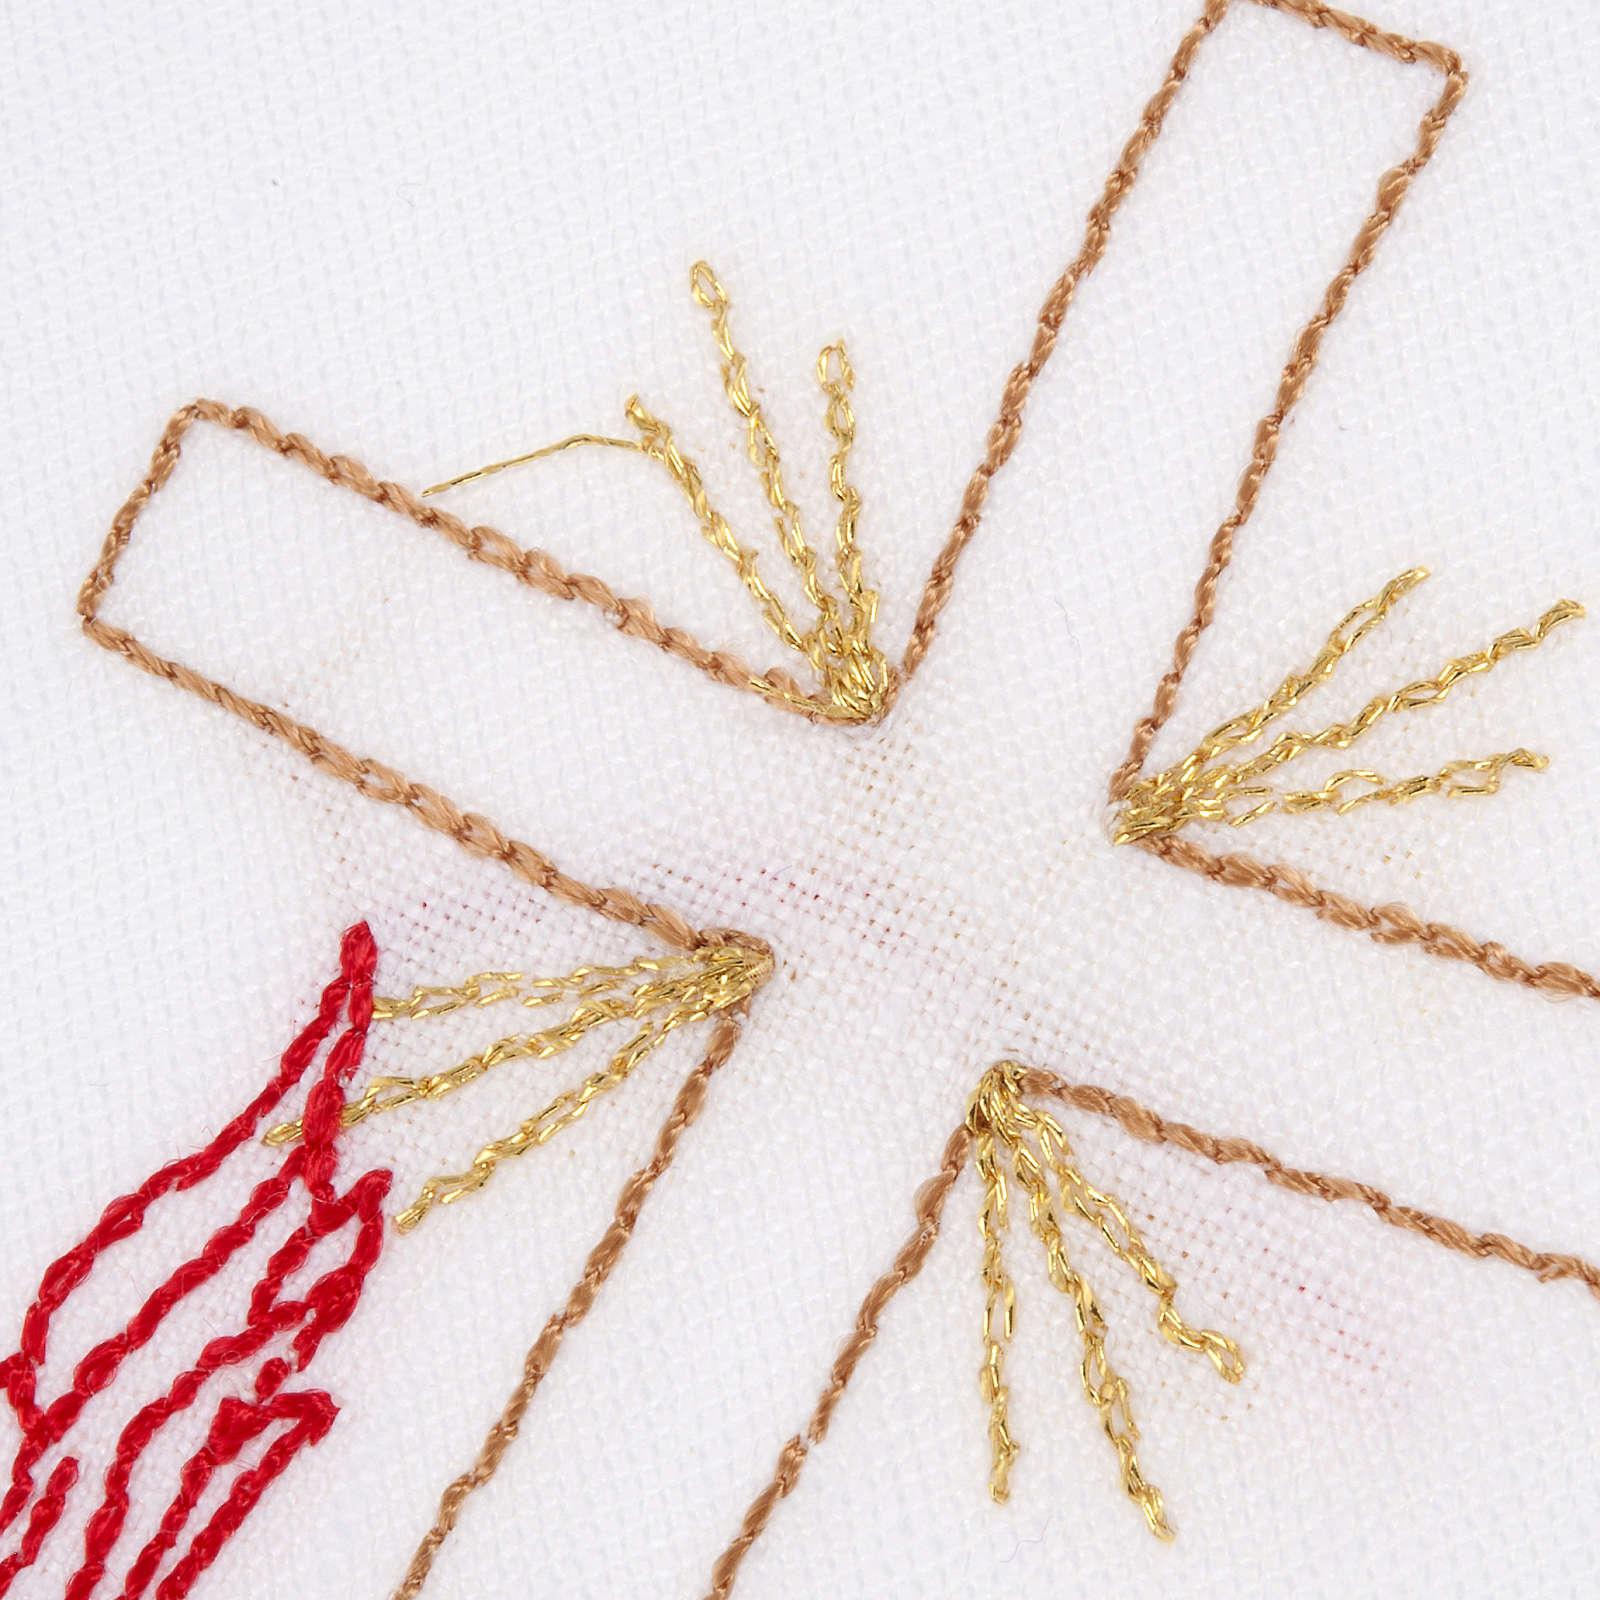 Linge d'autel avec amict croix lampe 4